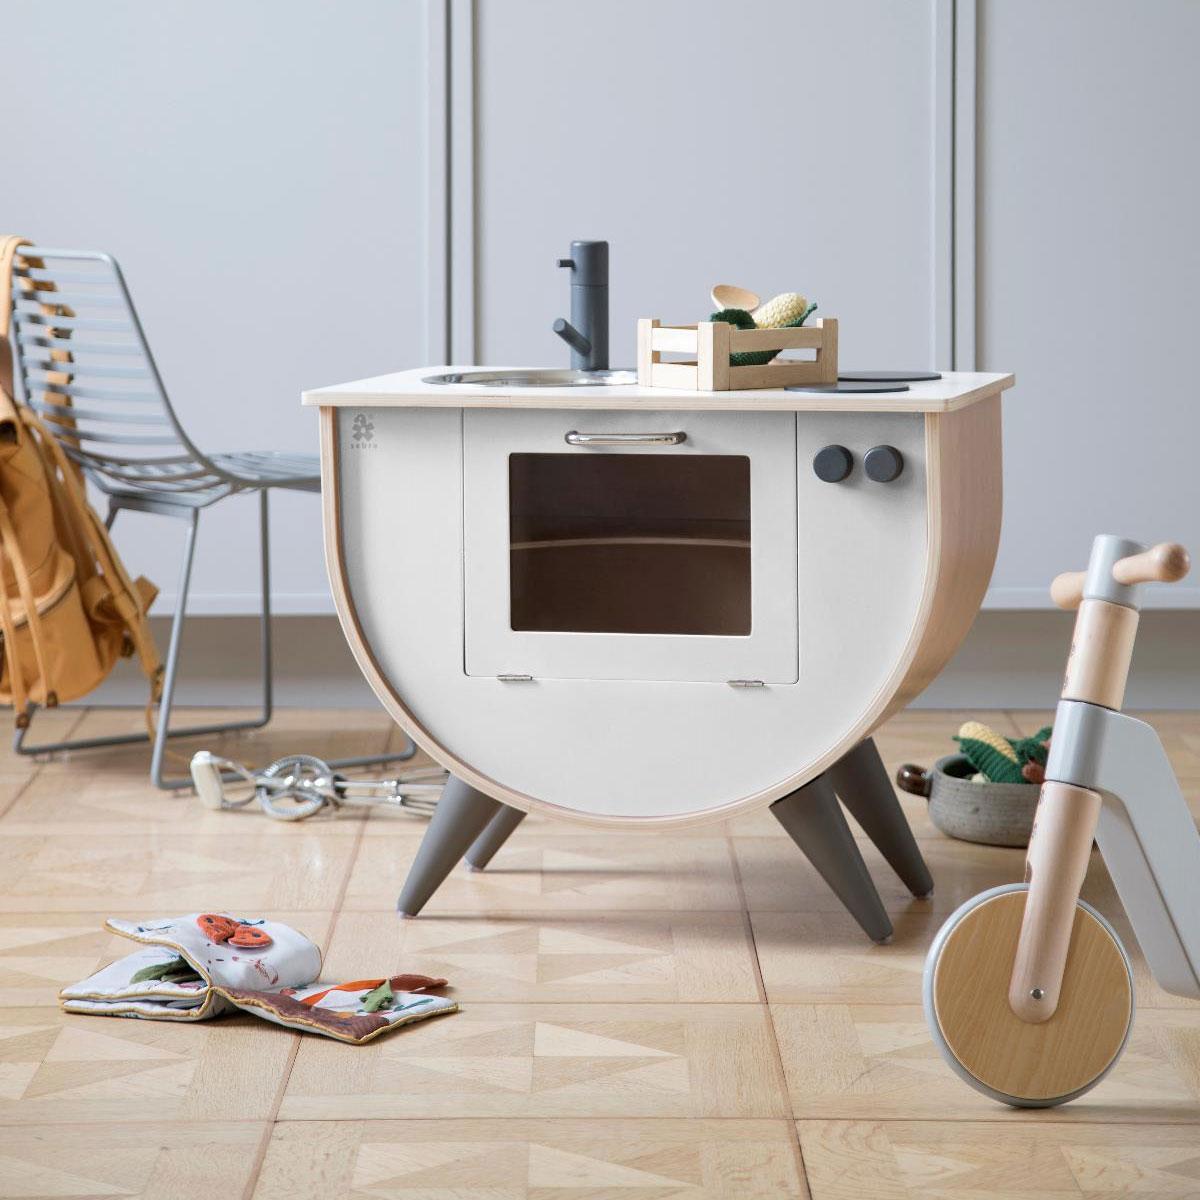 Full Size of Sebra Spielkche Classic White Kinder Spielküche Wohnzimmer Spielküche